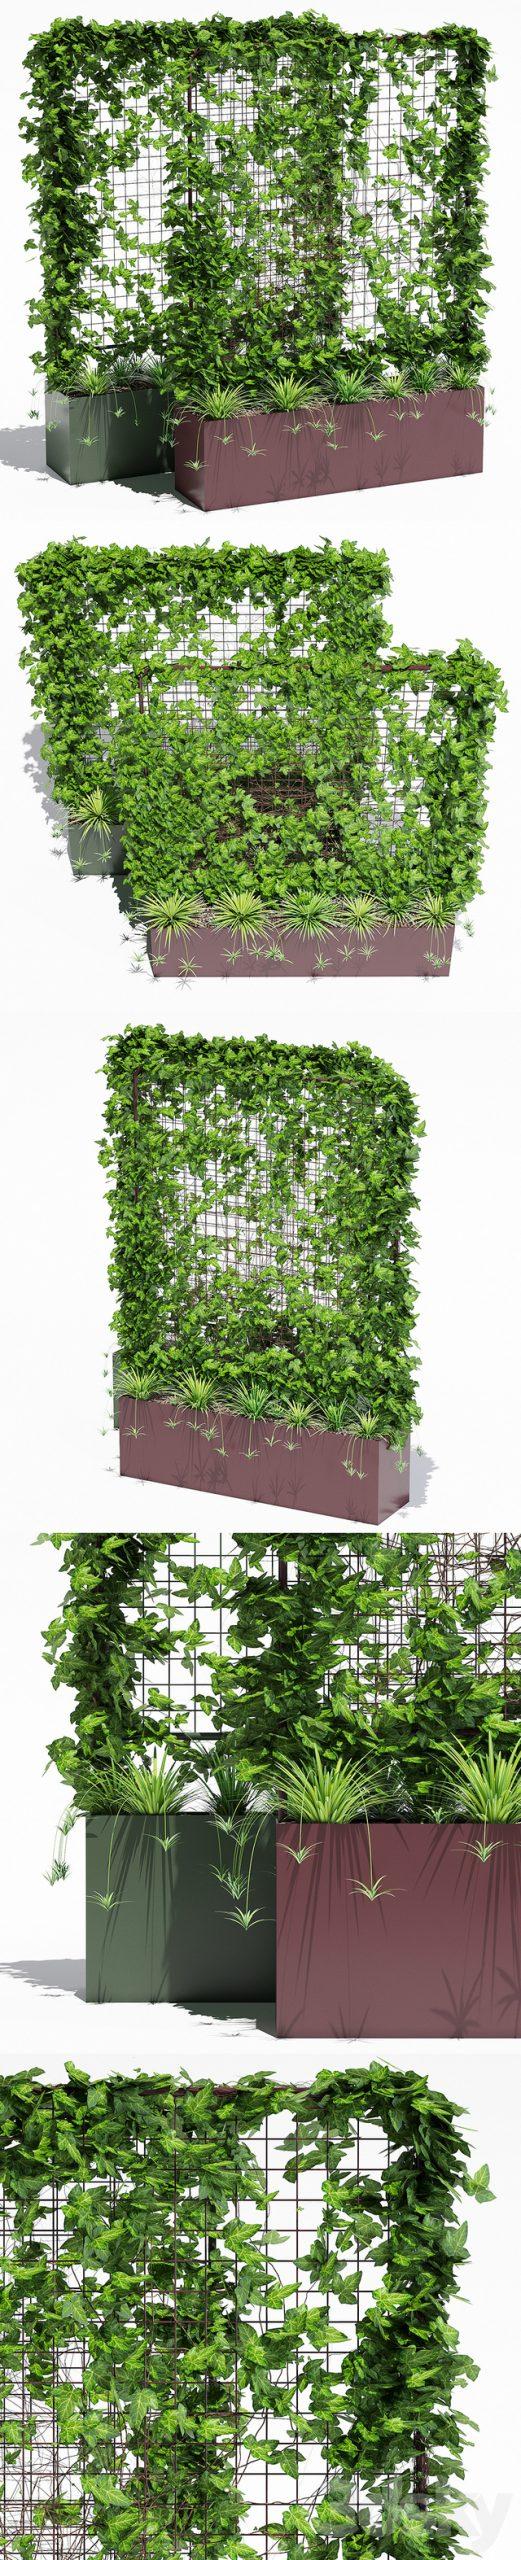 مدل سه بعدی گیاه بالا رونده